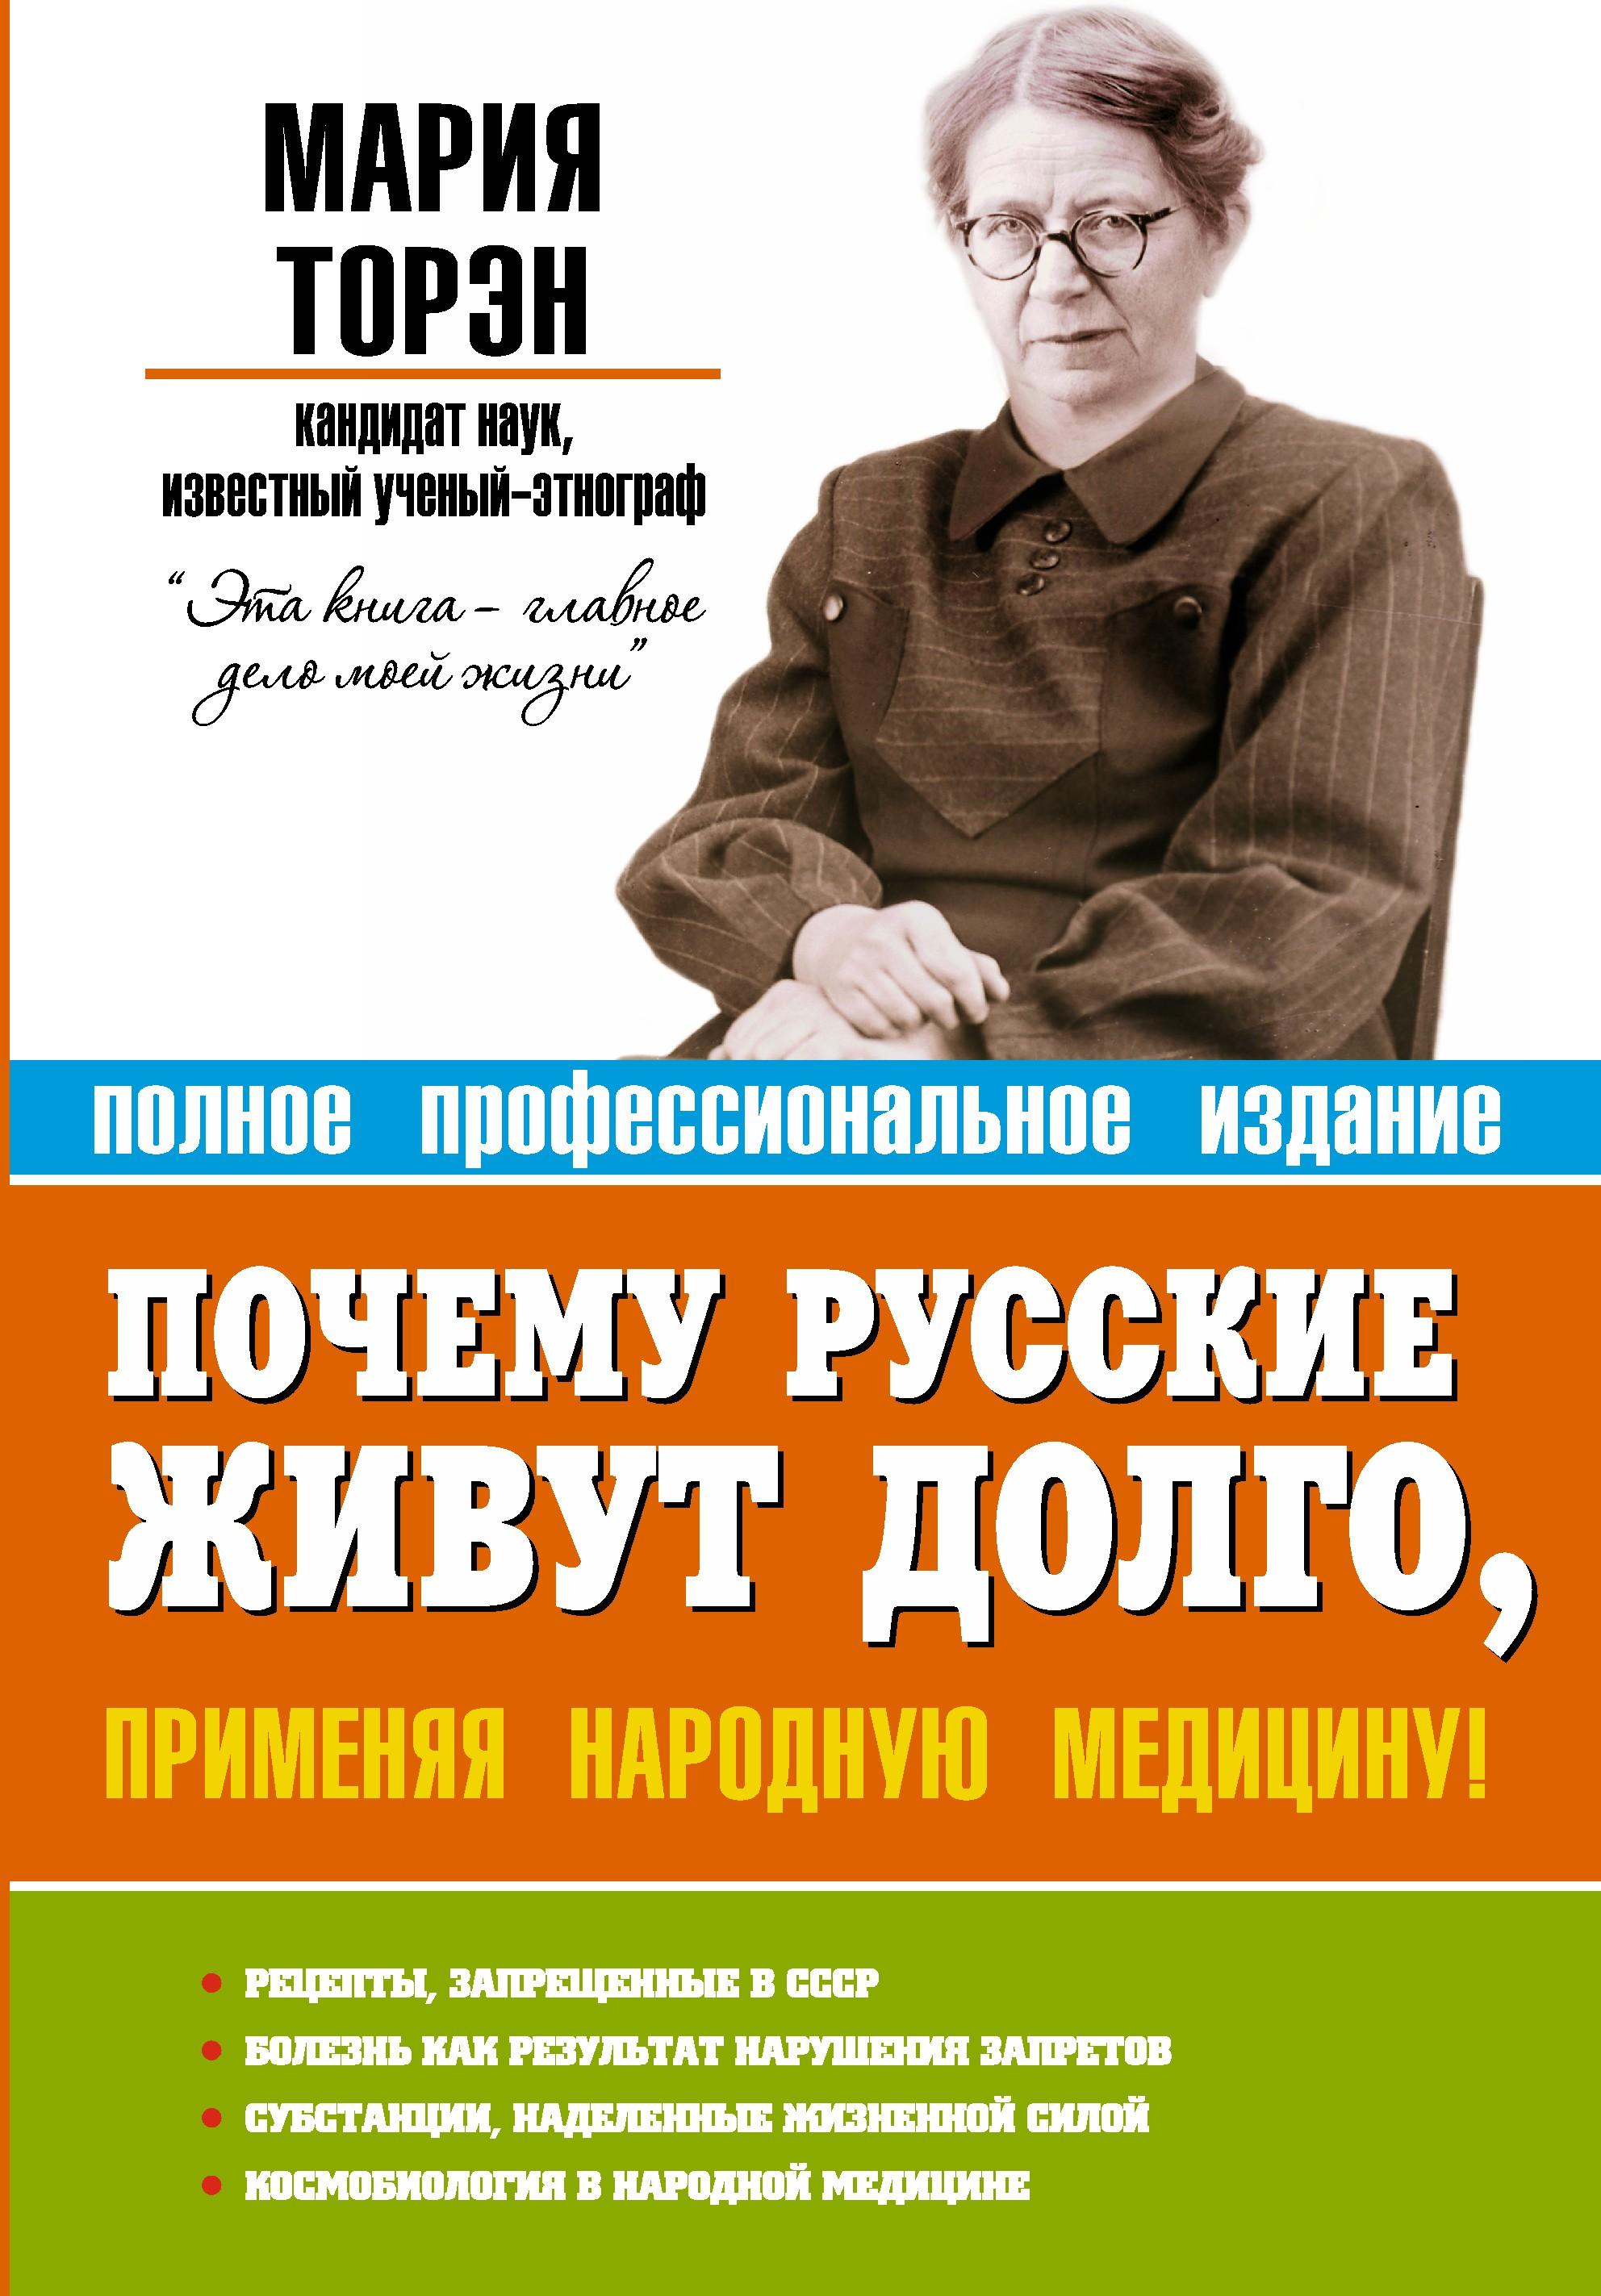 Почему русские живут долго, применяя народную медицину! ( Торэн Мария Давыдовна  )